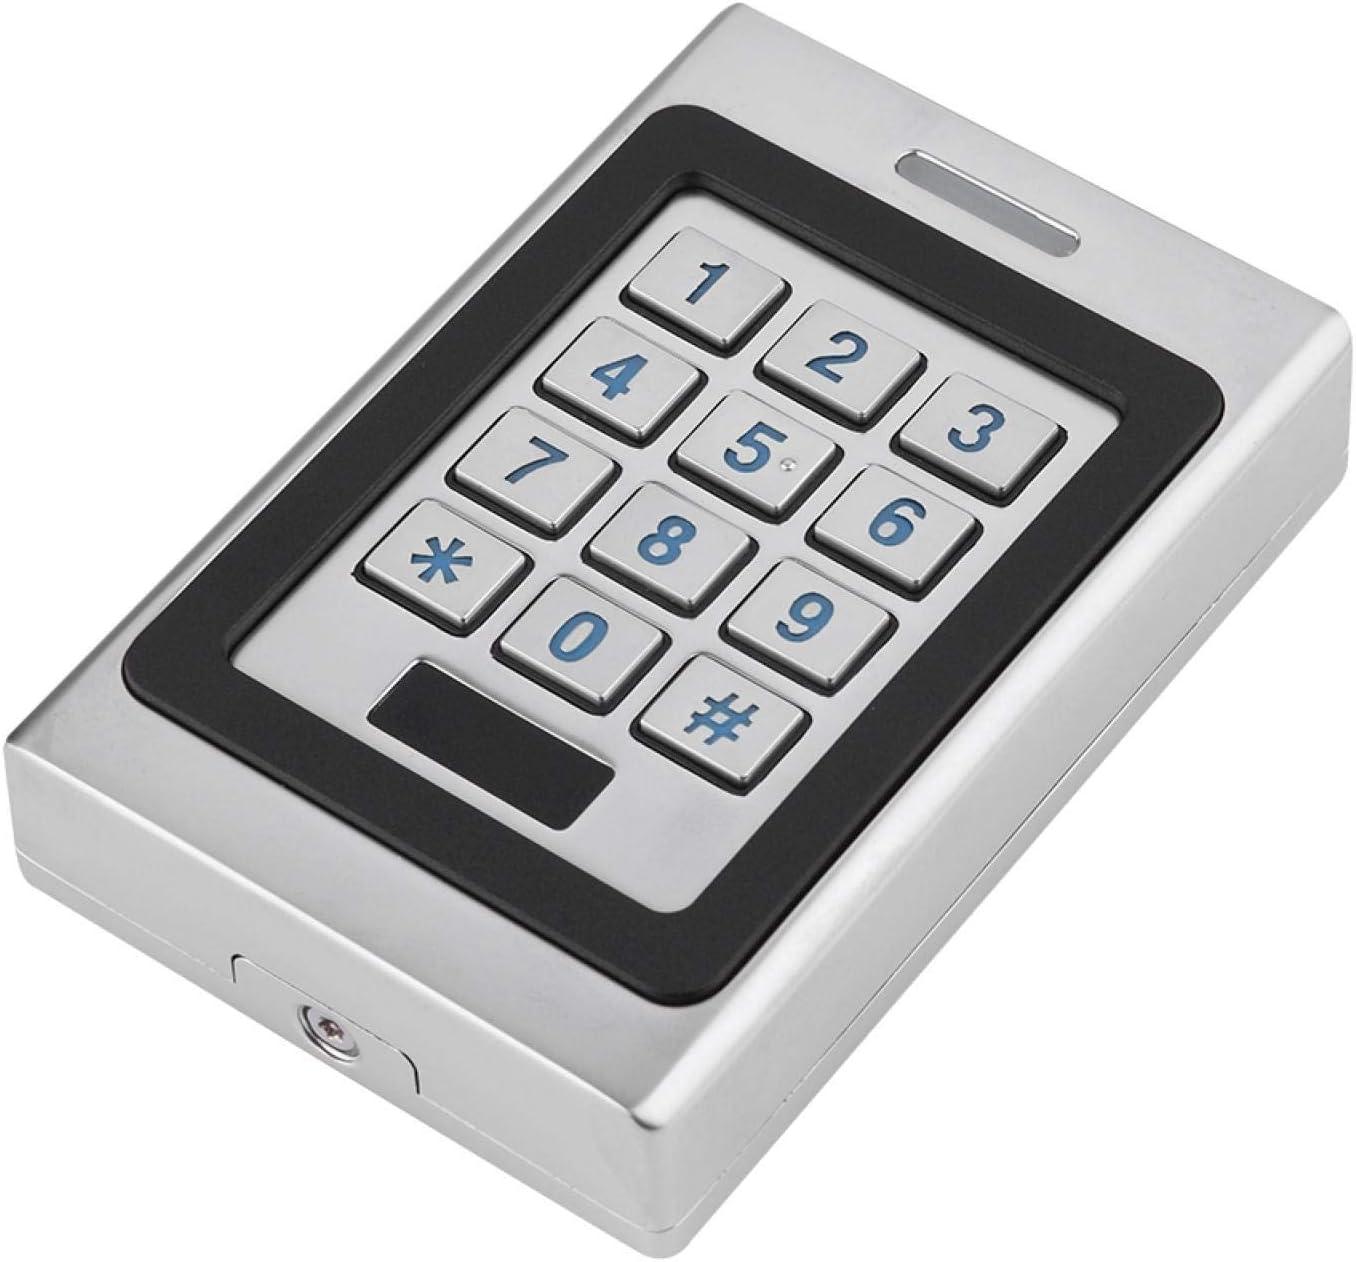 Controlador de Acceso, Sistema de Control de Acceso de Puerta de Seguridad con Teclado, Aspecto metálico único, Alta Seguridad y confiabilidad, Utilizado en hogares, oficinas, áreas